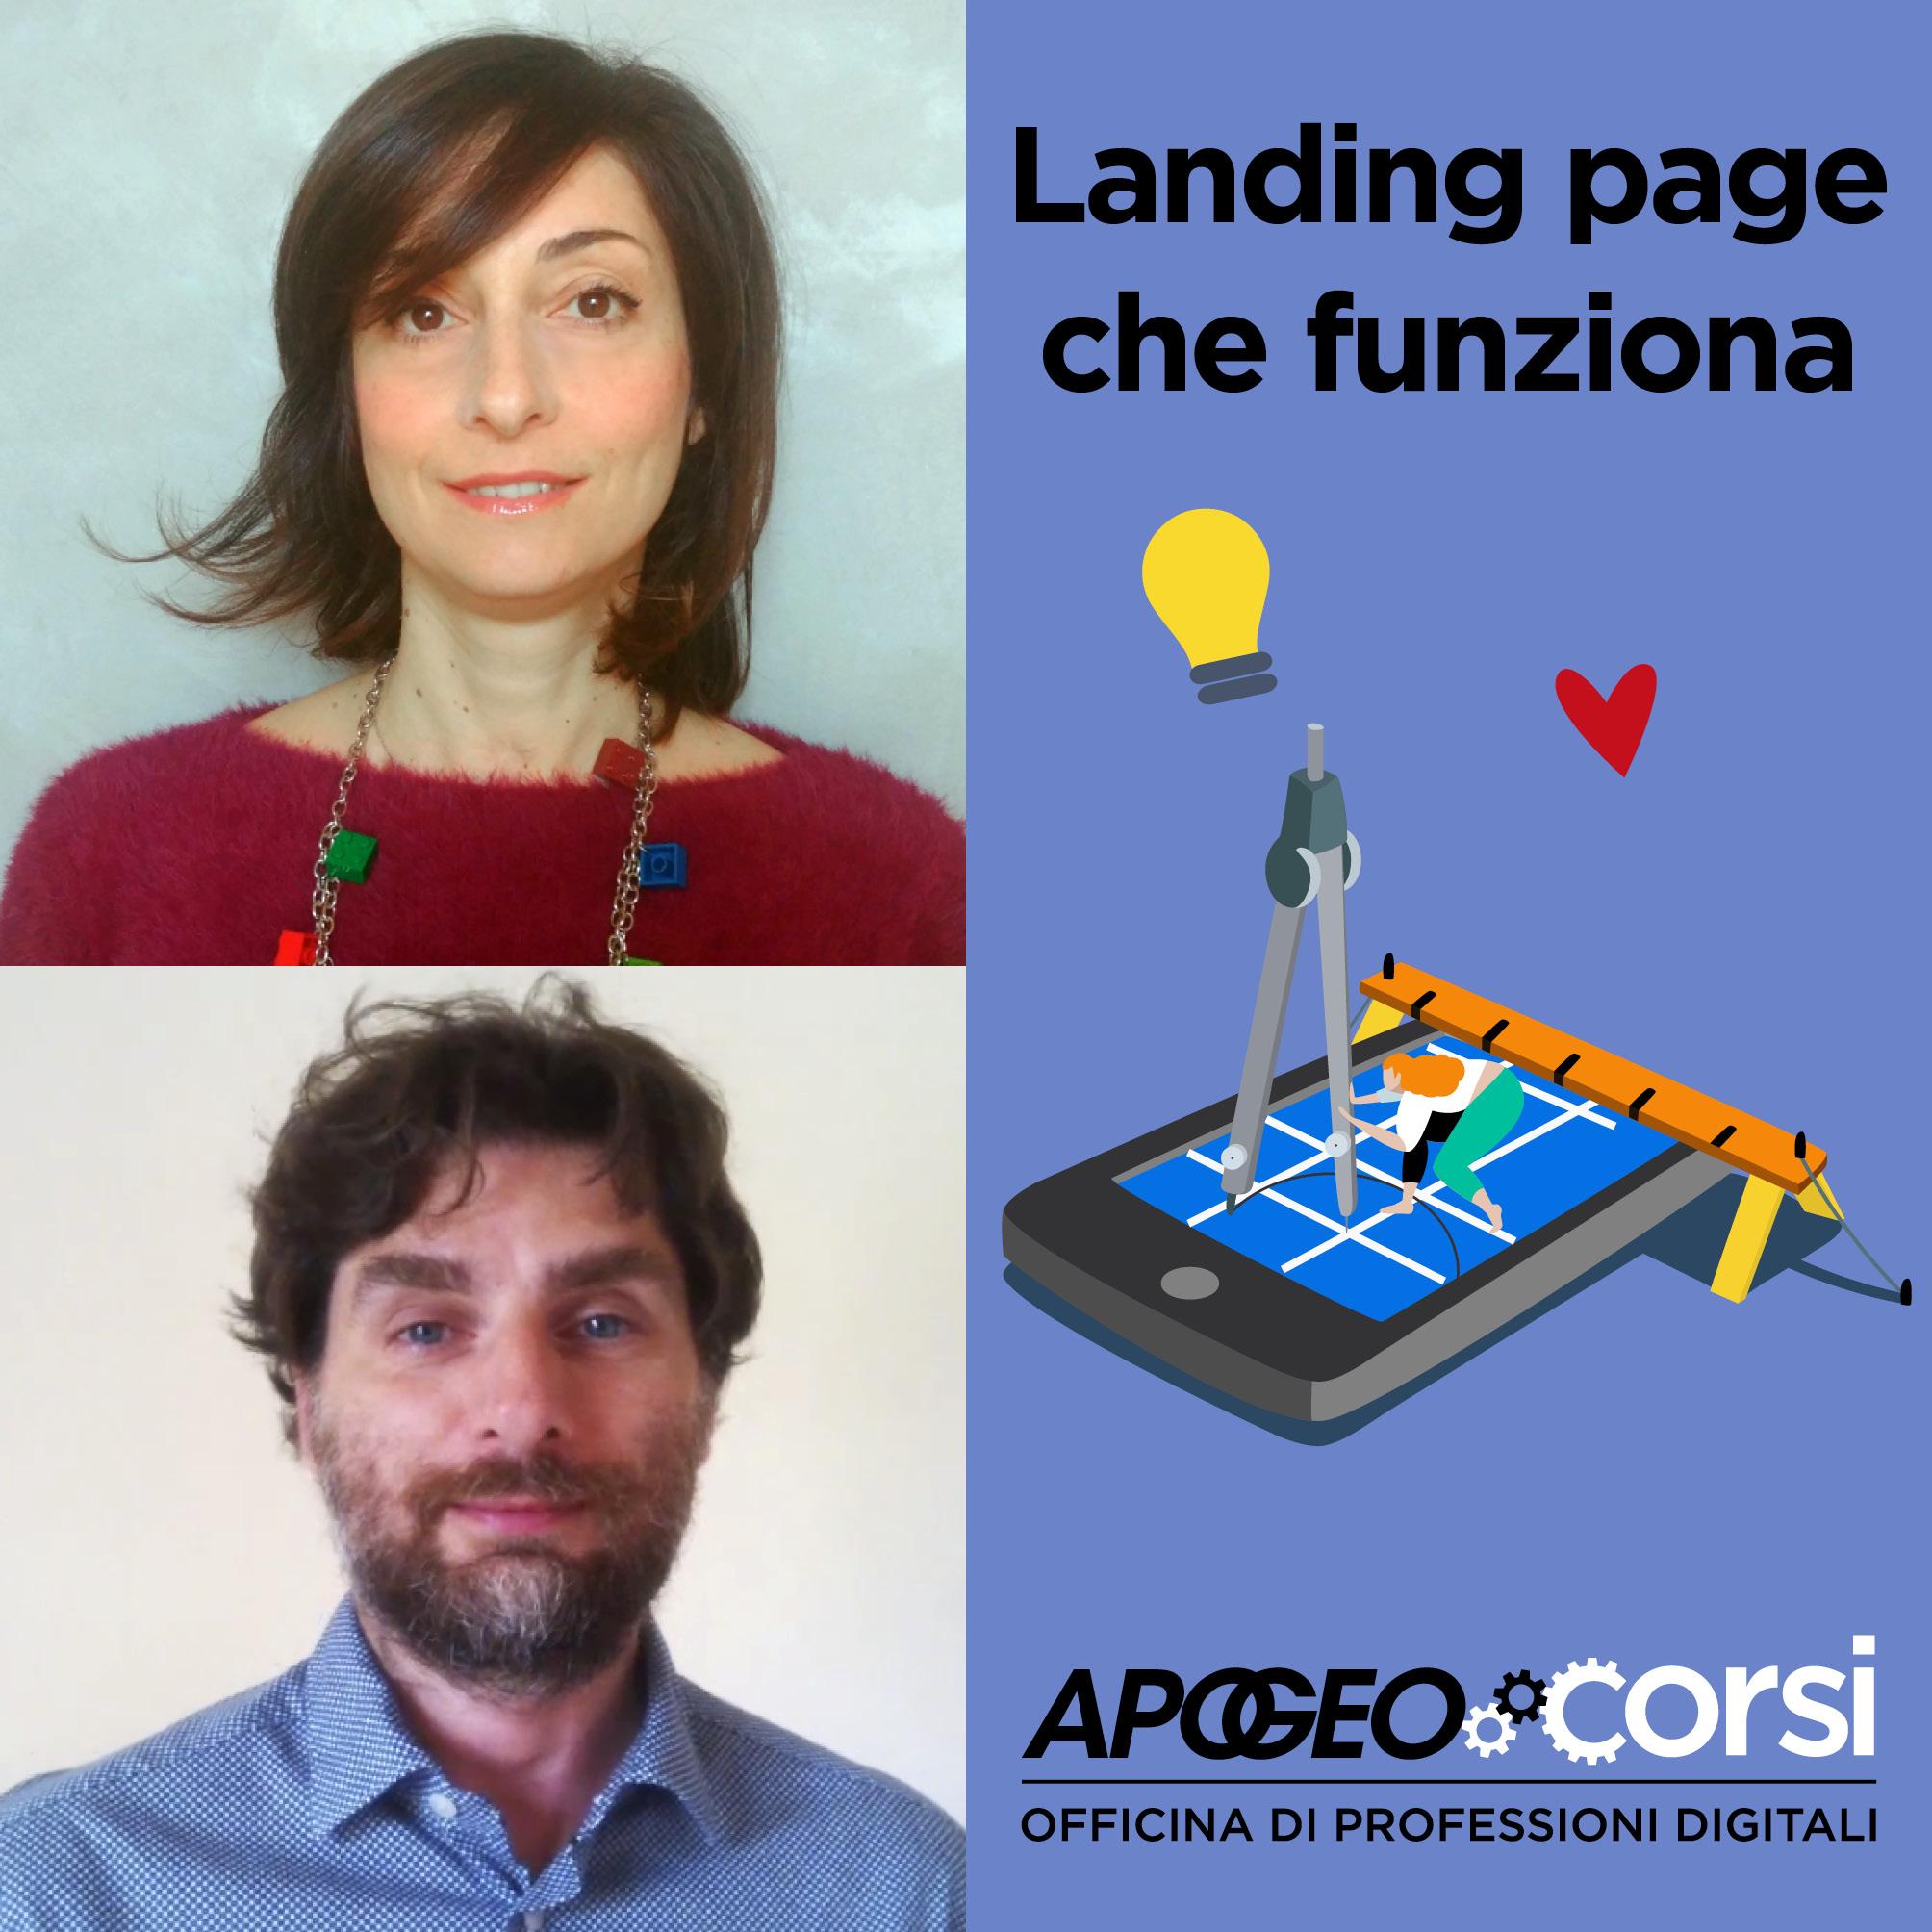 Progettare contenuti per una landing page che funziona, di Valentina Di Michele e Andrea Fiacchi